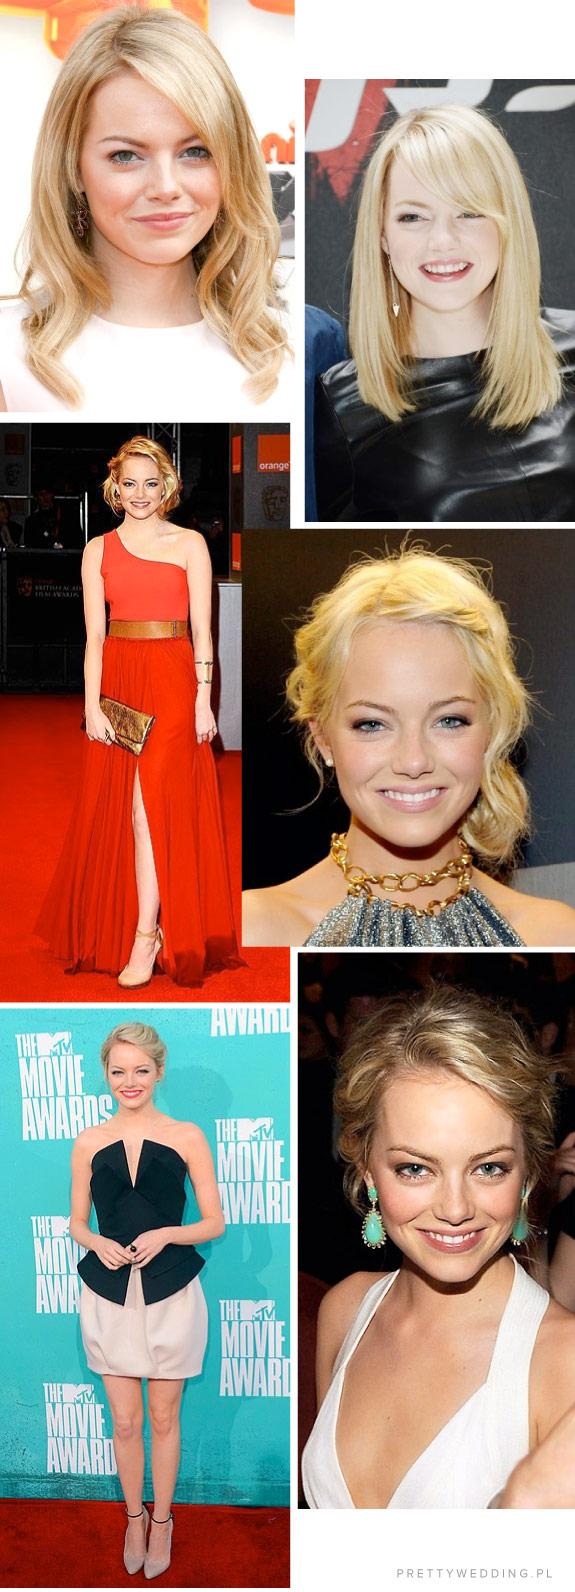 Różne fryzury Emmy Stone